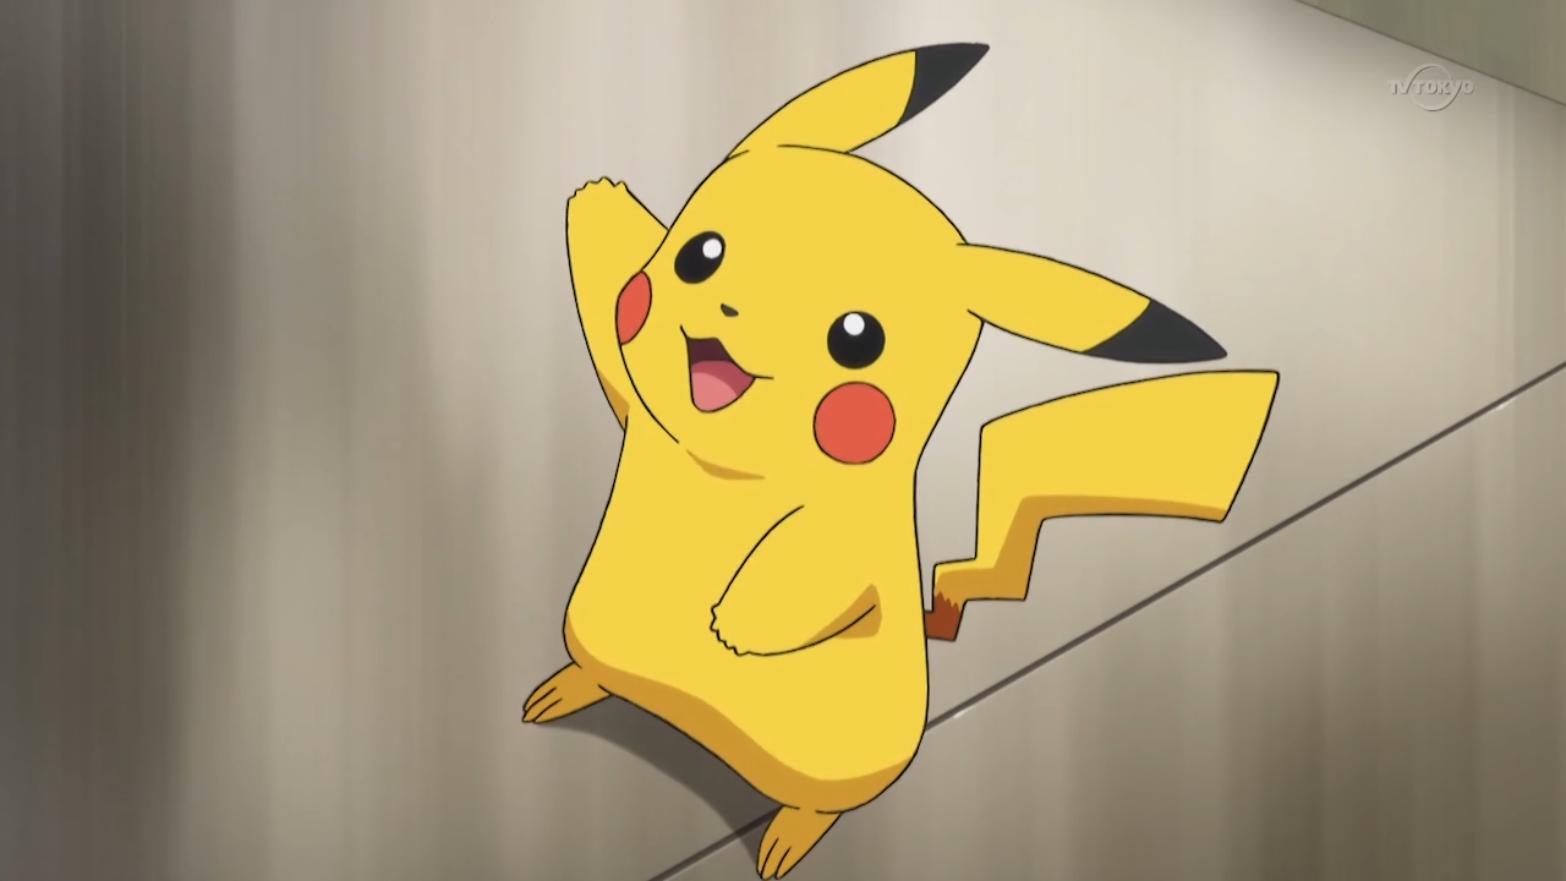 Pikachu pokemon and digimon wiki fandom powered by wikia - Images de pikachu ...